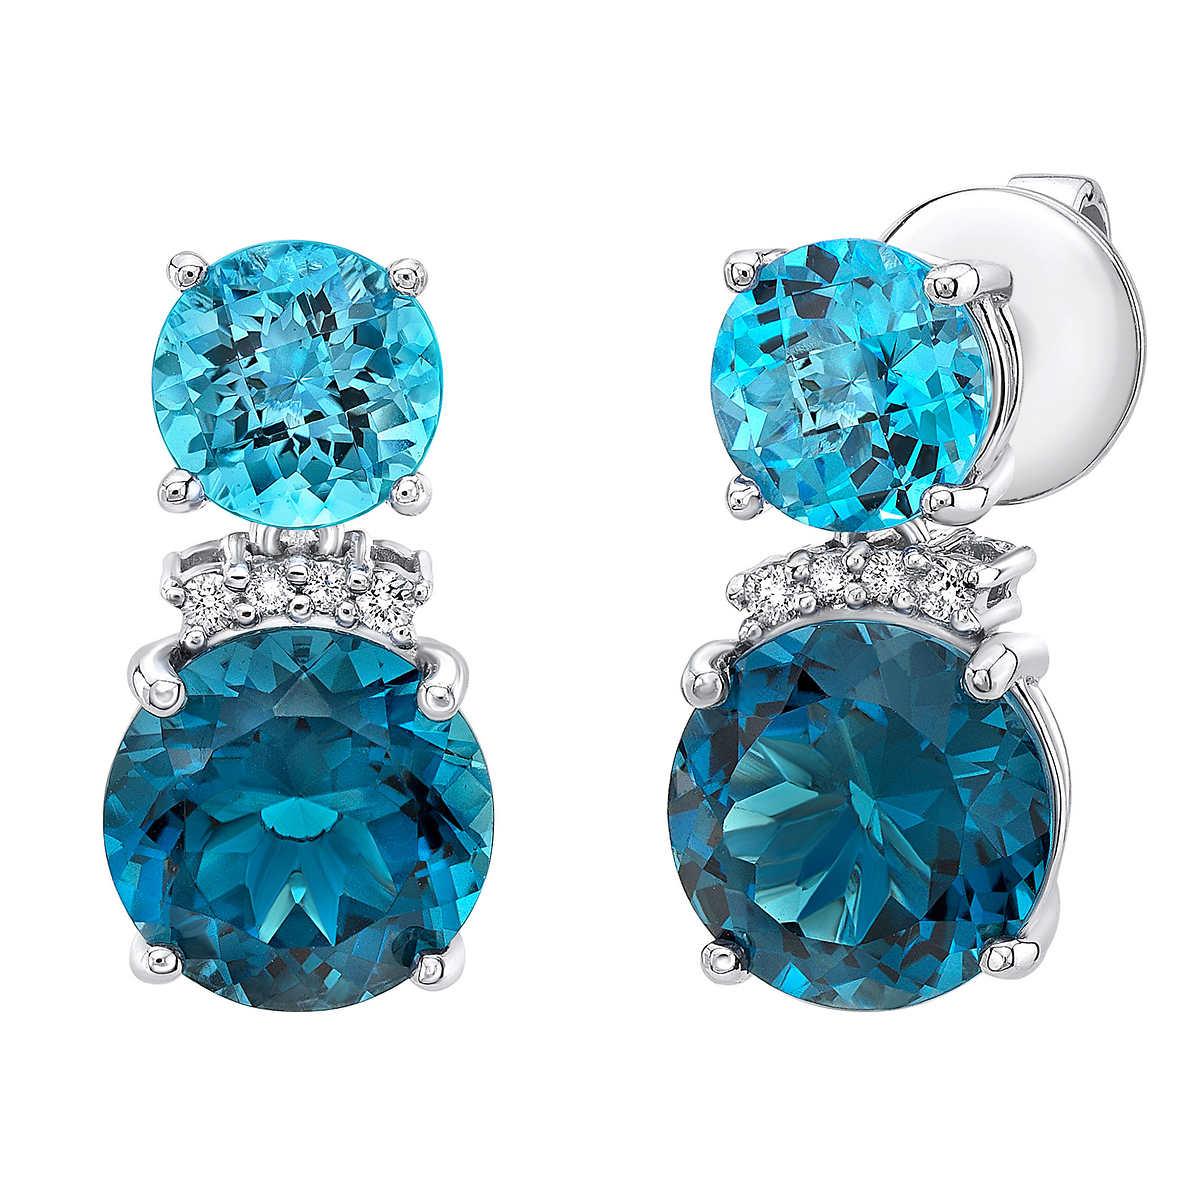 Member Only Item Blue Topaz And Diamond 14kt White Gold Earrings